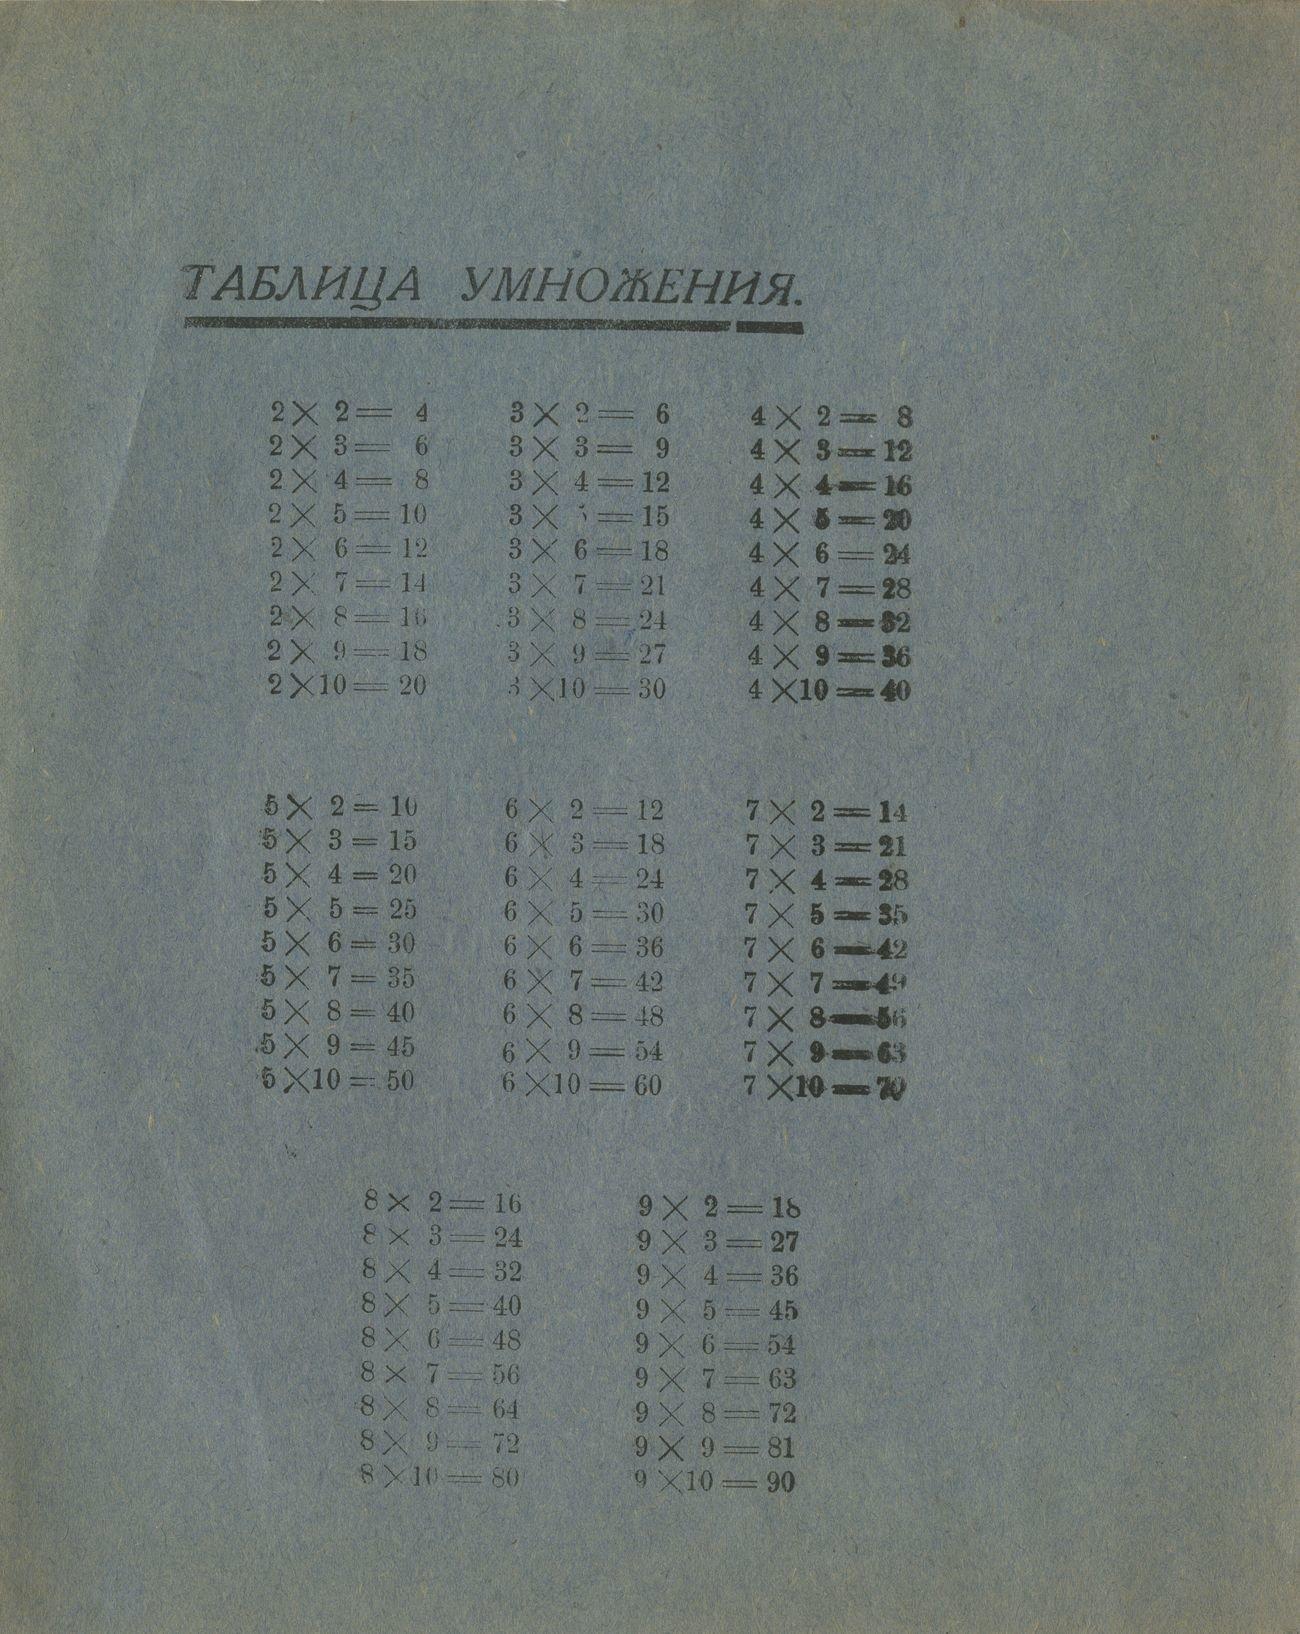 Тетрадь Каменская фабрика, стр. 3